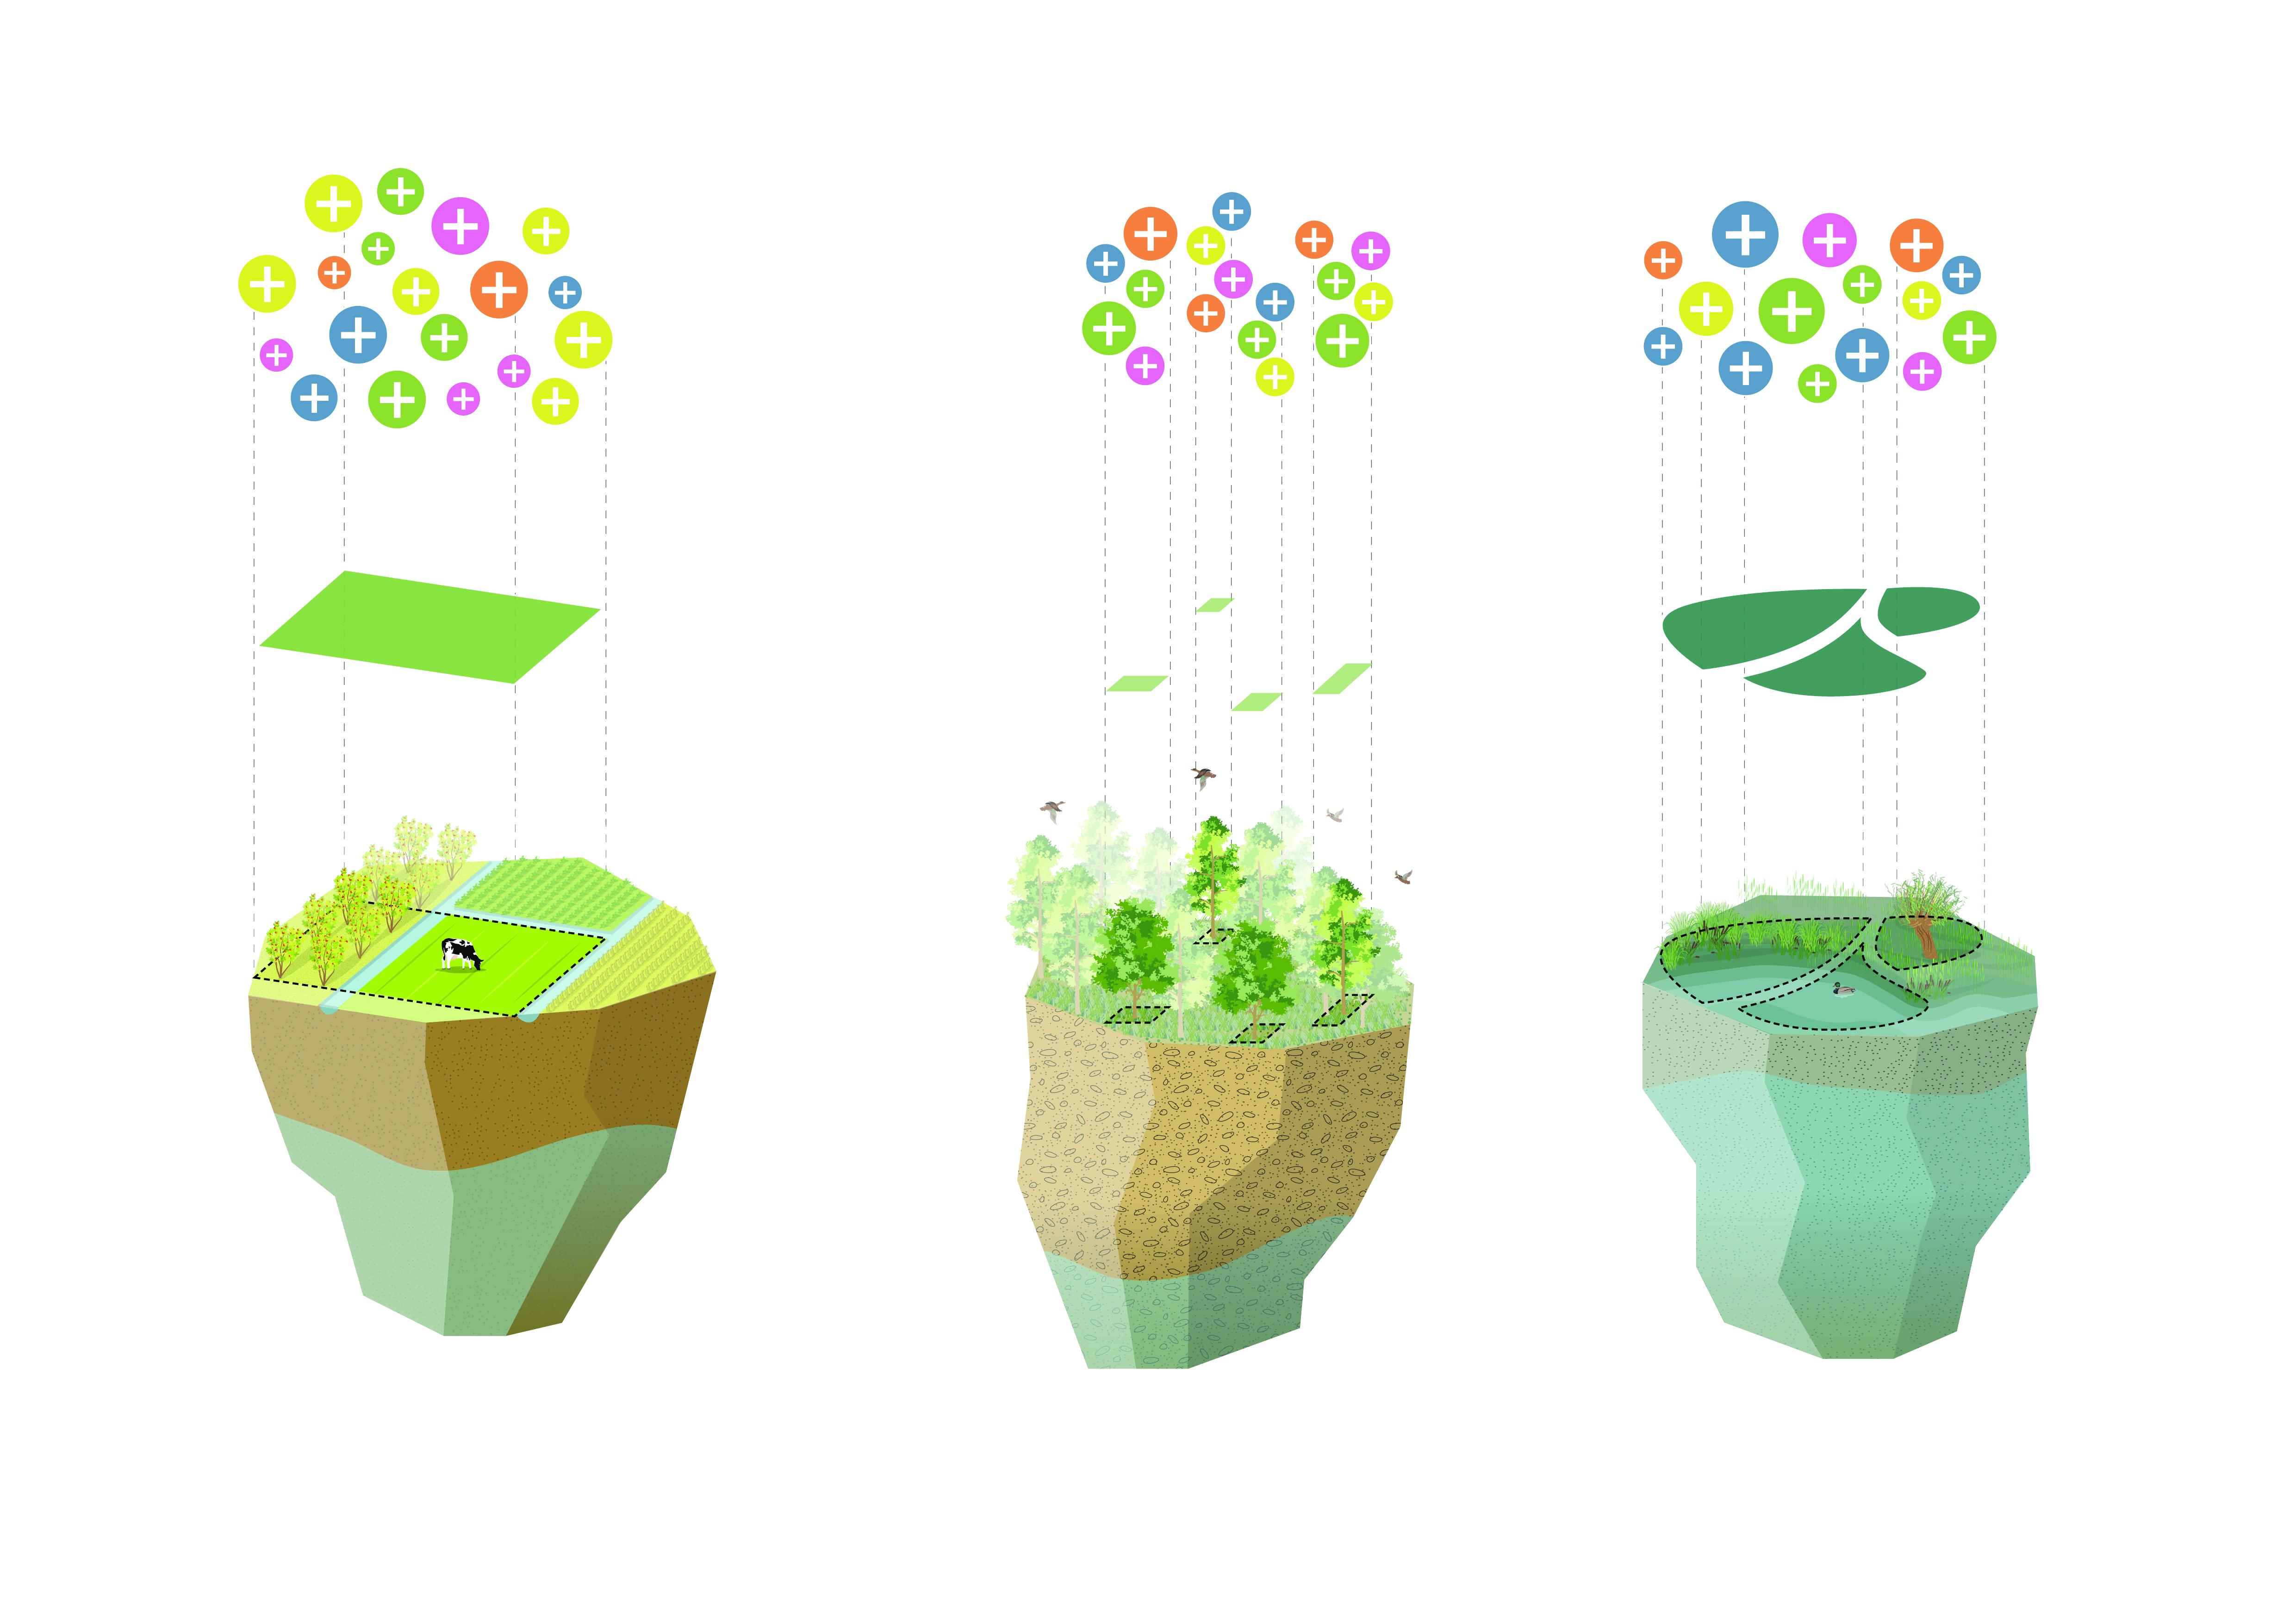 <p>Productief Landschap – Zowel de bebouwde als groene delen worden als productieve ruimten gezien, waar een mix van wonen, werken en vrije tijd mogelijk wordt gemaakt. Om al deze functies samen te voegen is het landschap opnieuw verkaveld in een variatie van percelen. Deze hebben verschillende afmetingen  en vormen in het park, stedelijk en landelijk gebied. Per perceel worden gebiedscondities op microniveau gekoppeld aan de productie van voedsel en energie, waterbeheer, afvalverwerking en het generen van biodiversiteit</p>